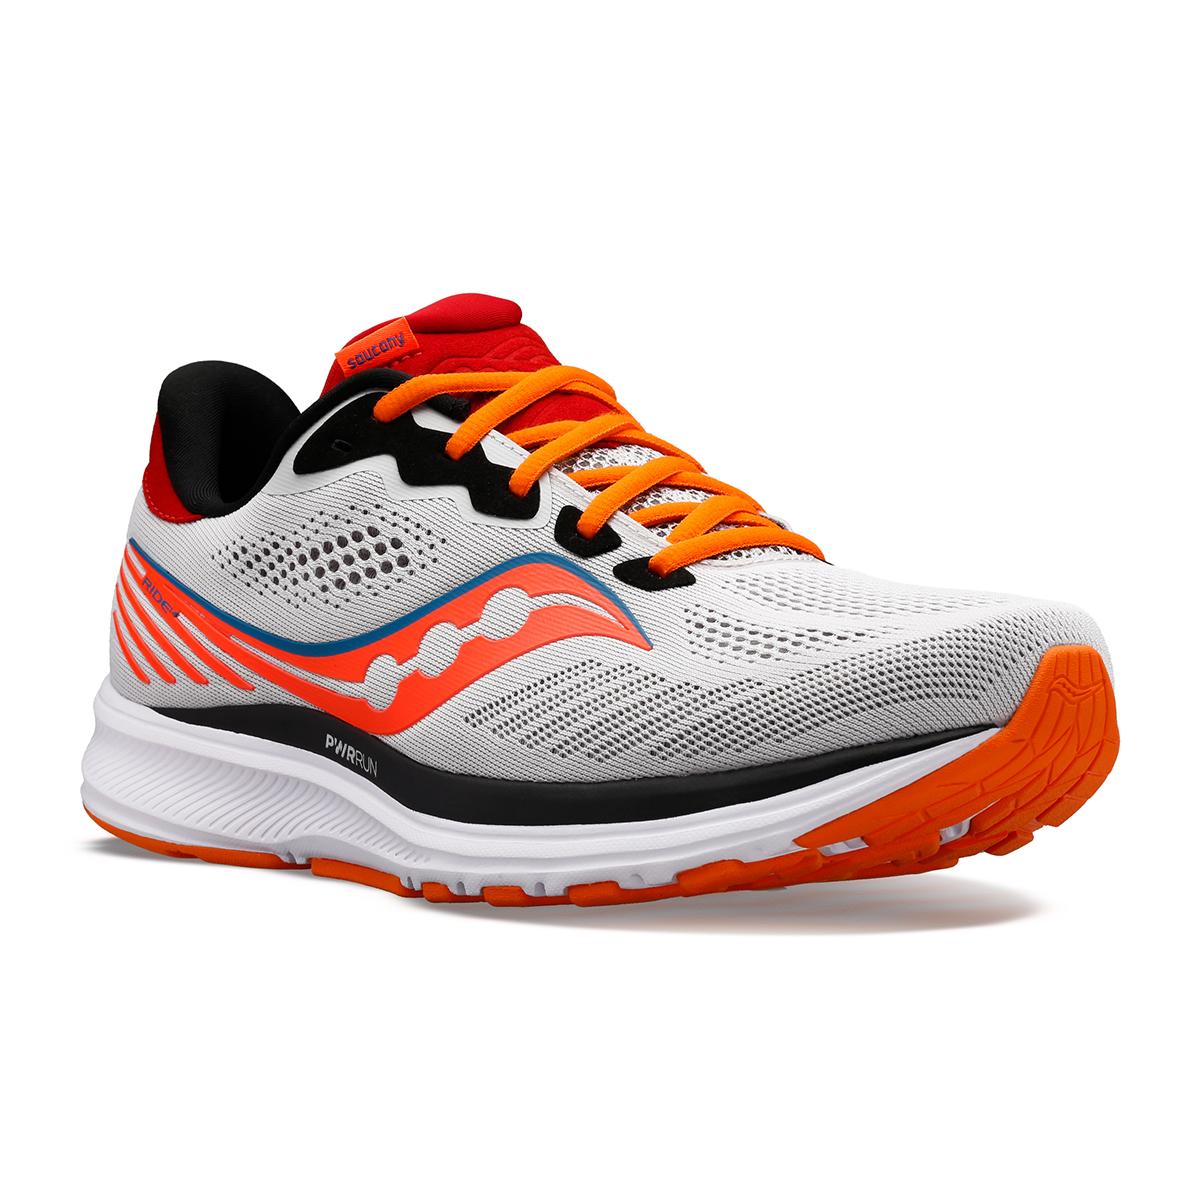 Men's Saucony Ride 14 Running Shoe - Color: Jackalope - Size: 7 - Width: Regular, Jackalope, large, image 2